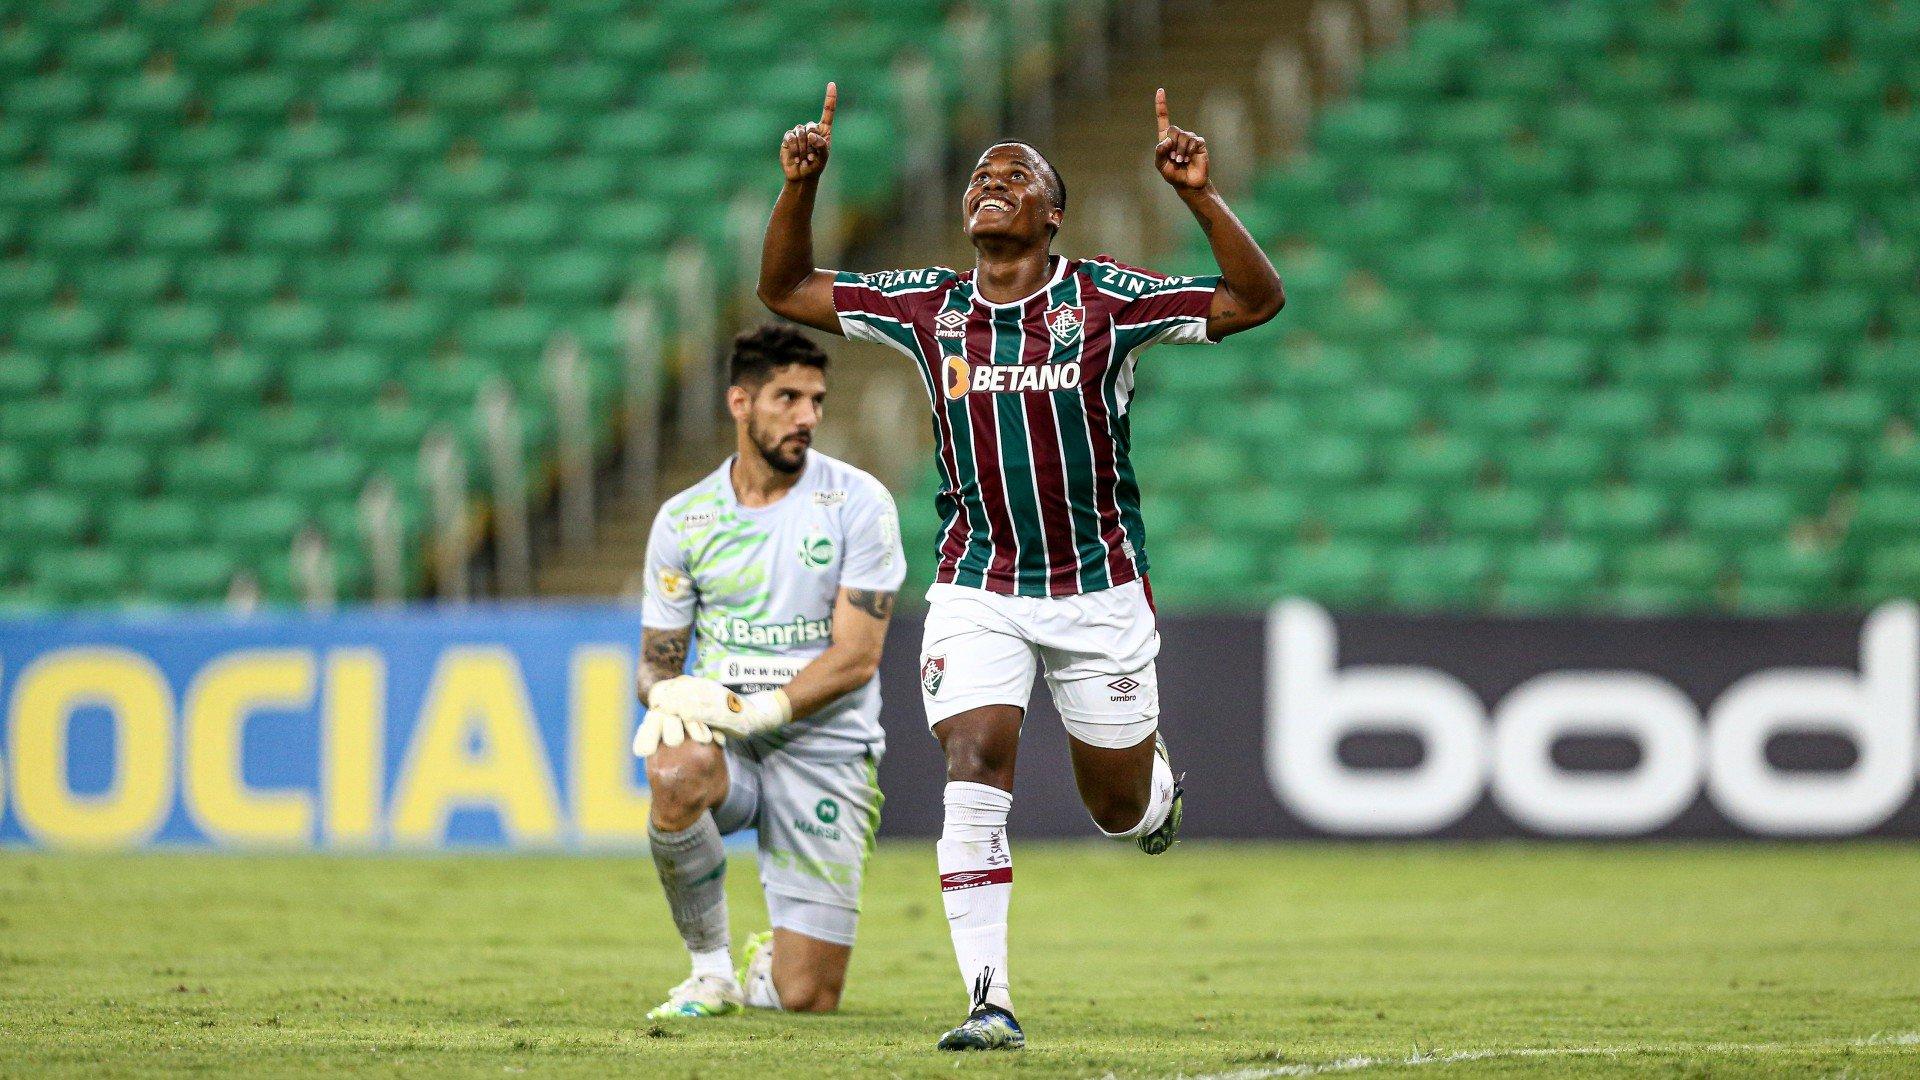 Arias vibra com primeiro gol pelo Fluminense: 'Contente e motivado'